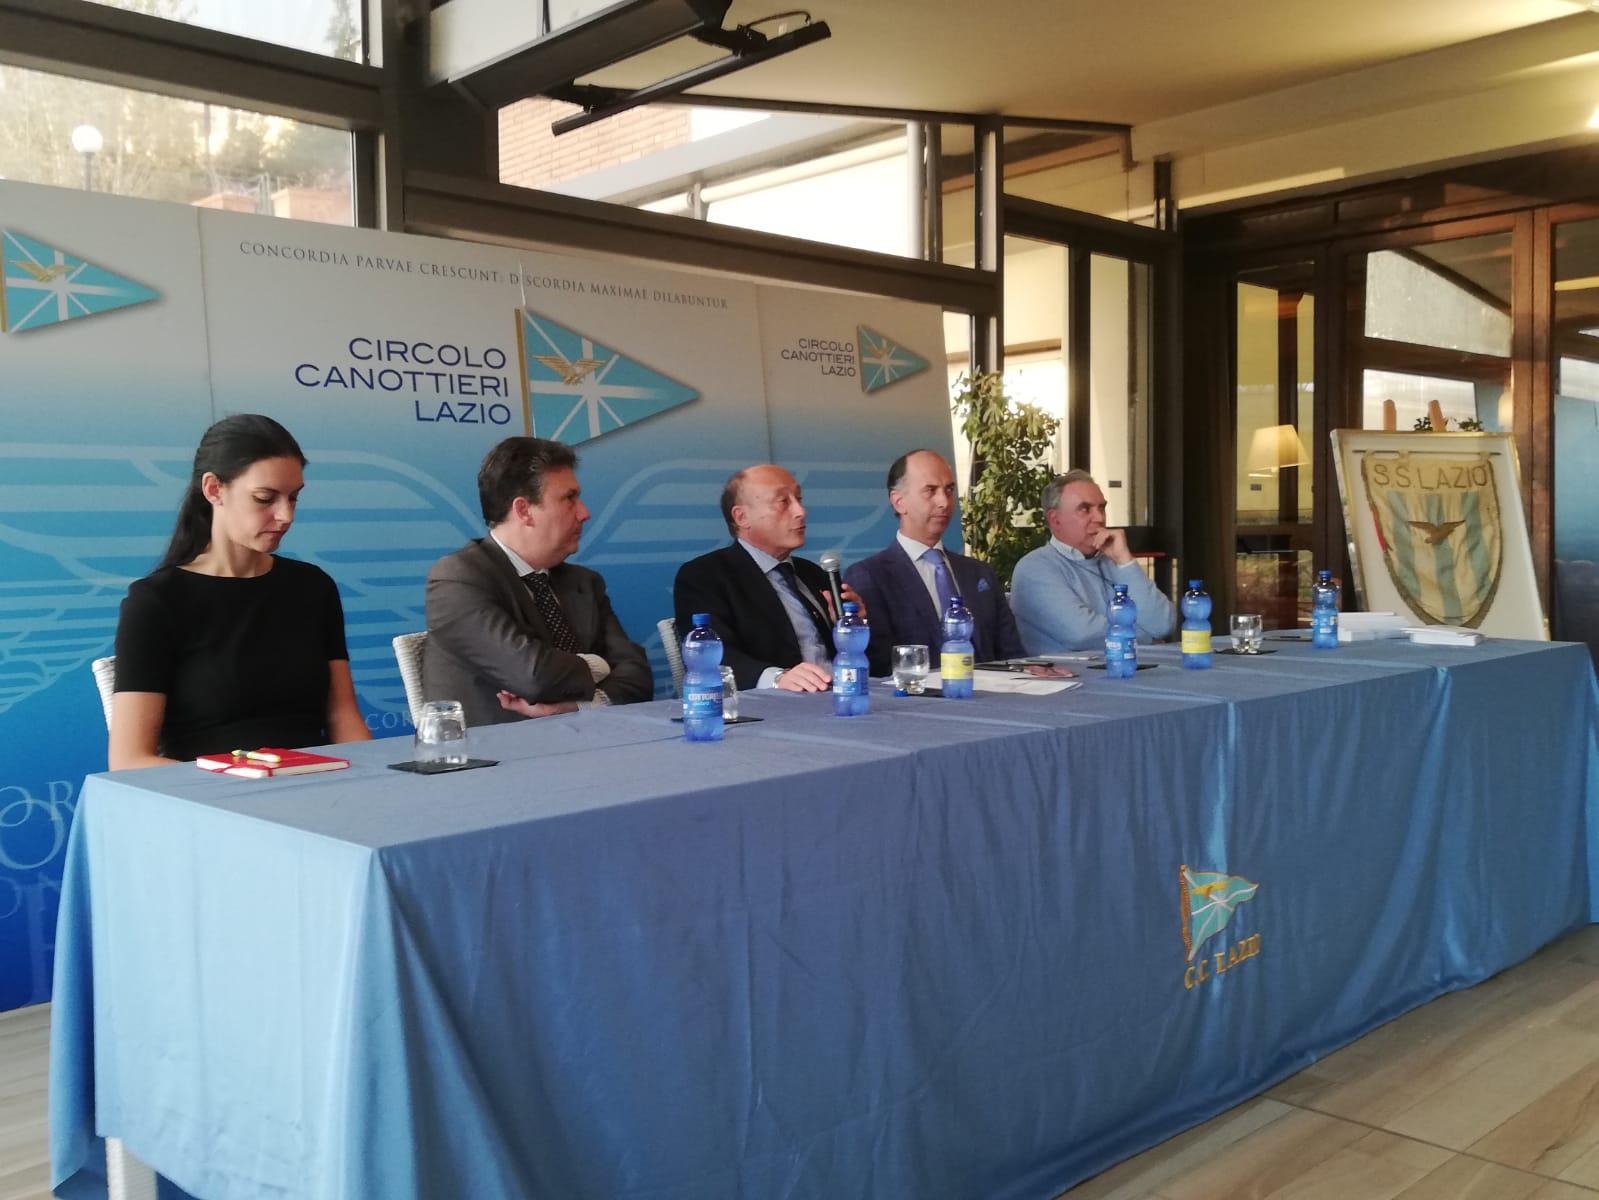 Polisportiva Lazio, in cantiere i progetti per il 120° compleanno della Lazio